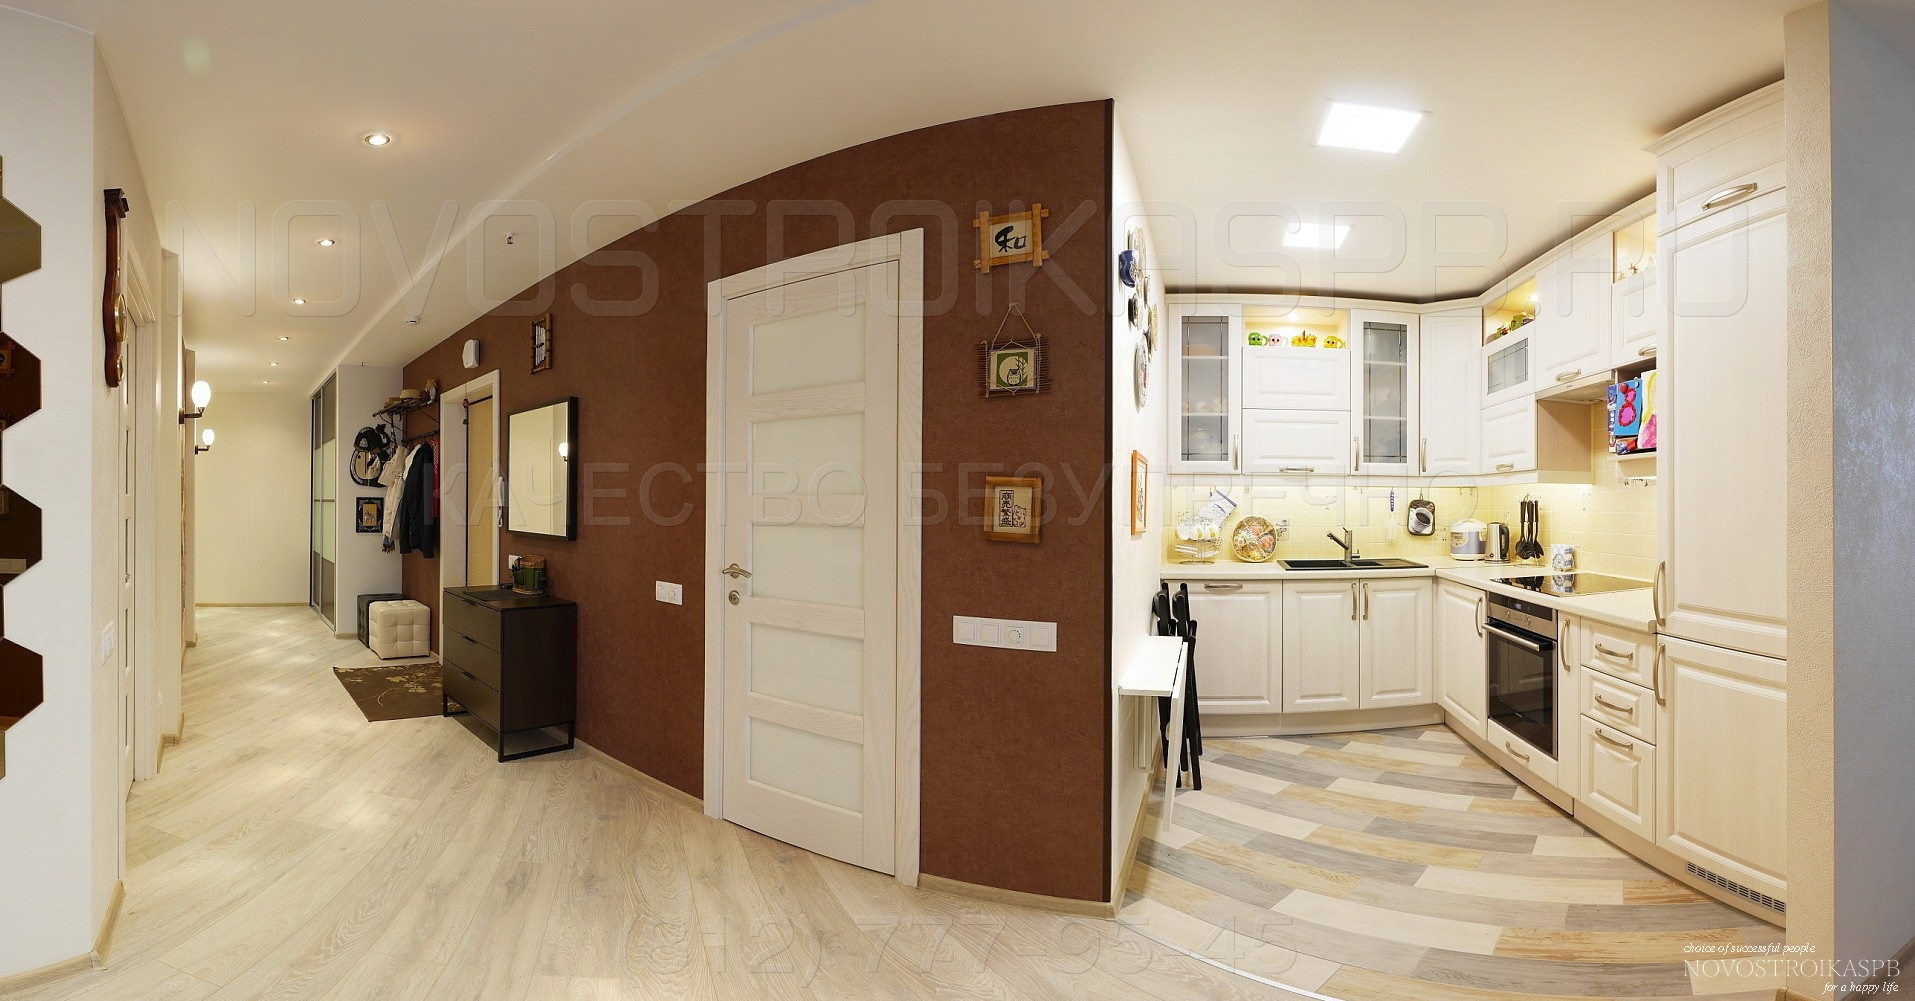 Отделка квартиры в новостройке цена материалом